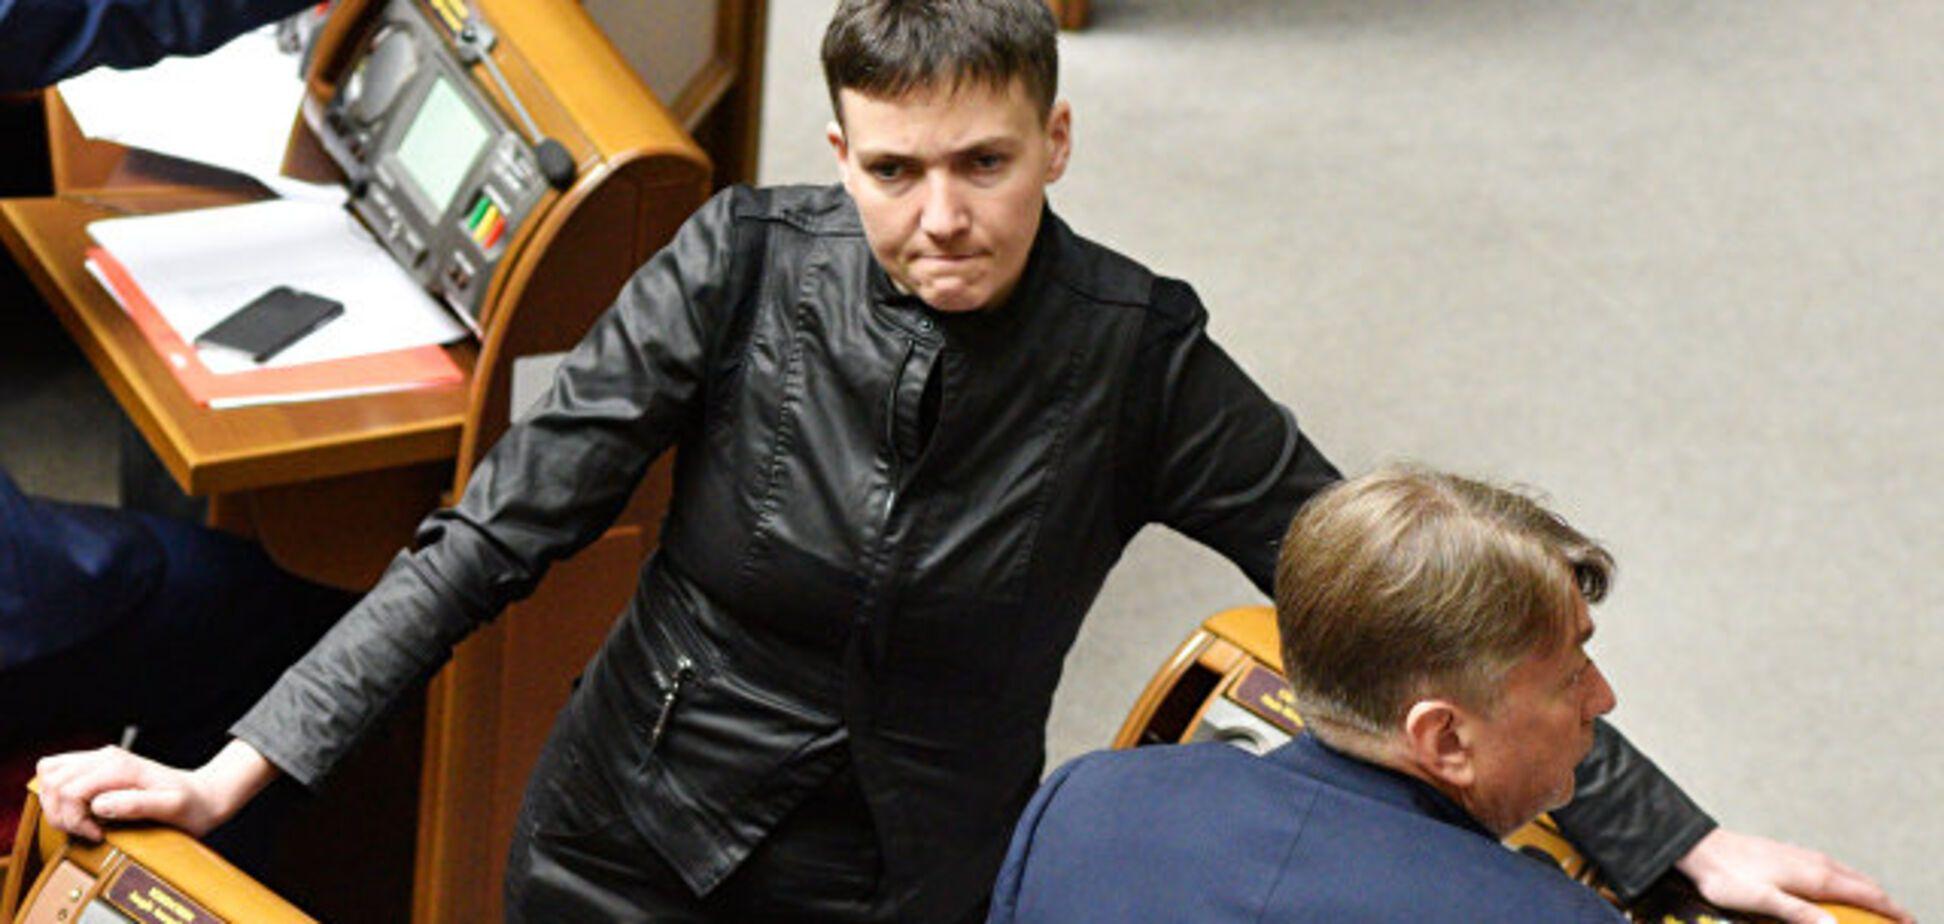 Савченко, яка їздила до ватажків 'Л/ДНР', голосувала за скасування 'реінтеграції Донбасу'